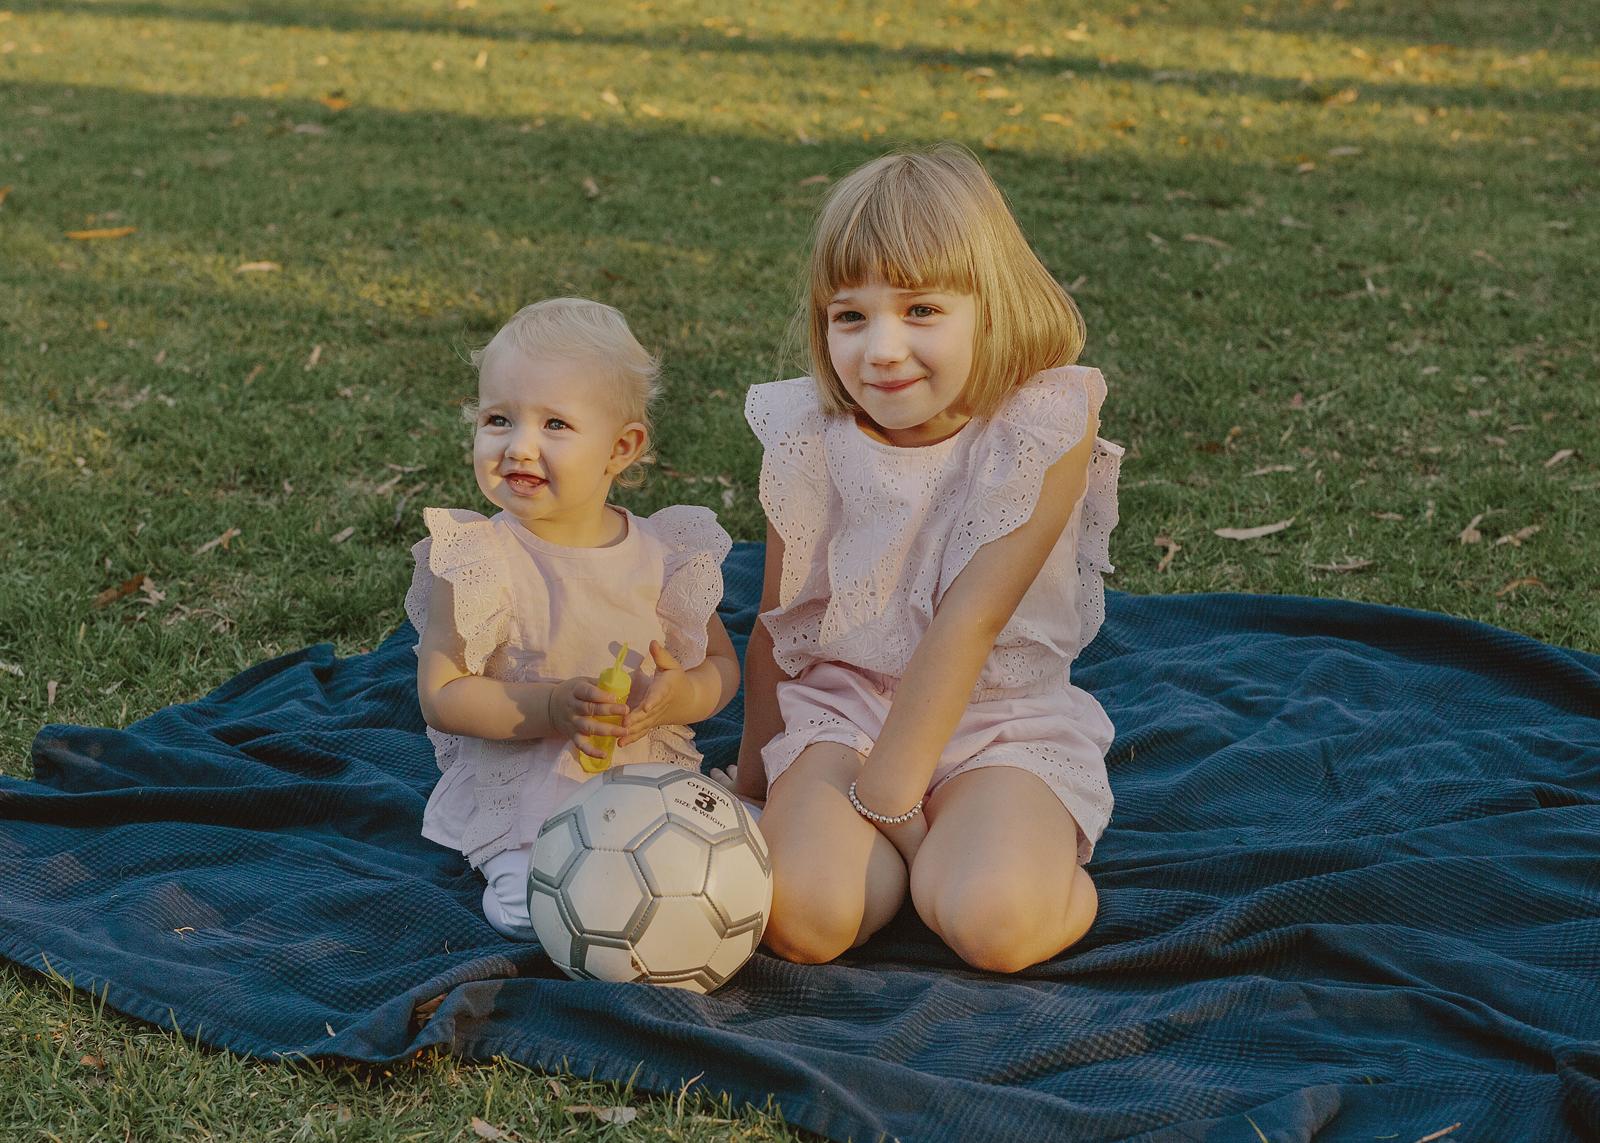 Sisters having fun at the park